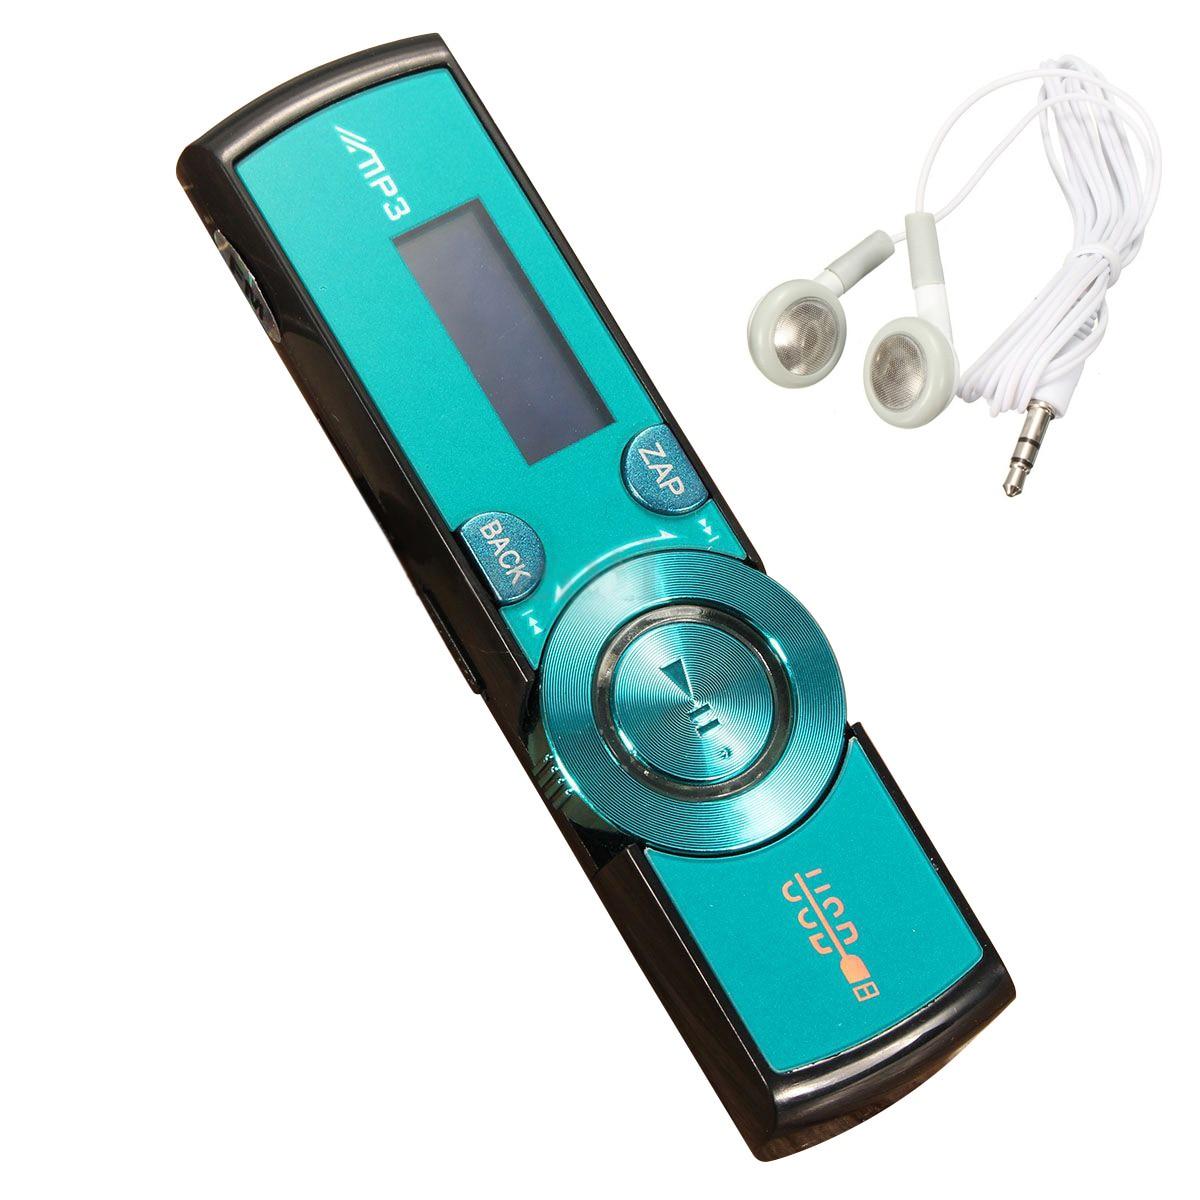 LCD Suporte Ao Jogador FM Radio USB MP3 16GB Micro SD Card/TF Com Fones De Ouvido 5 Cores